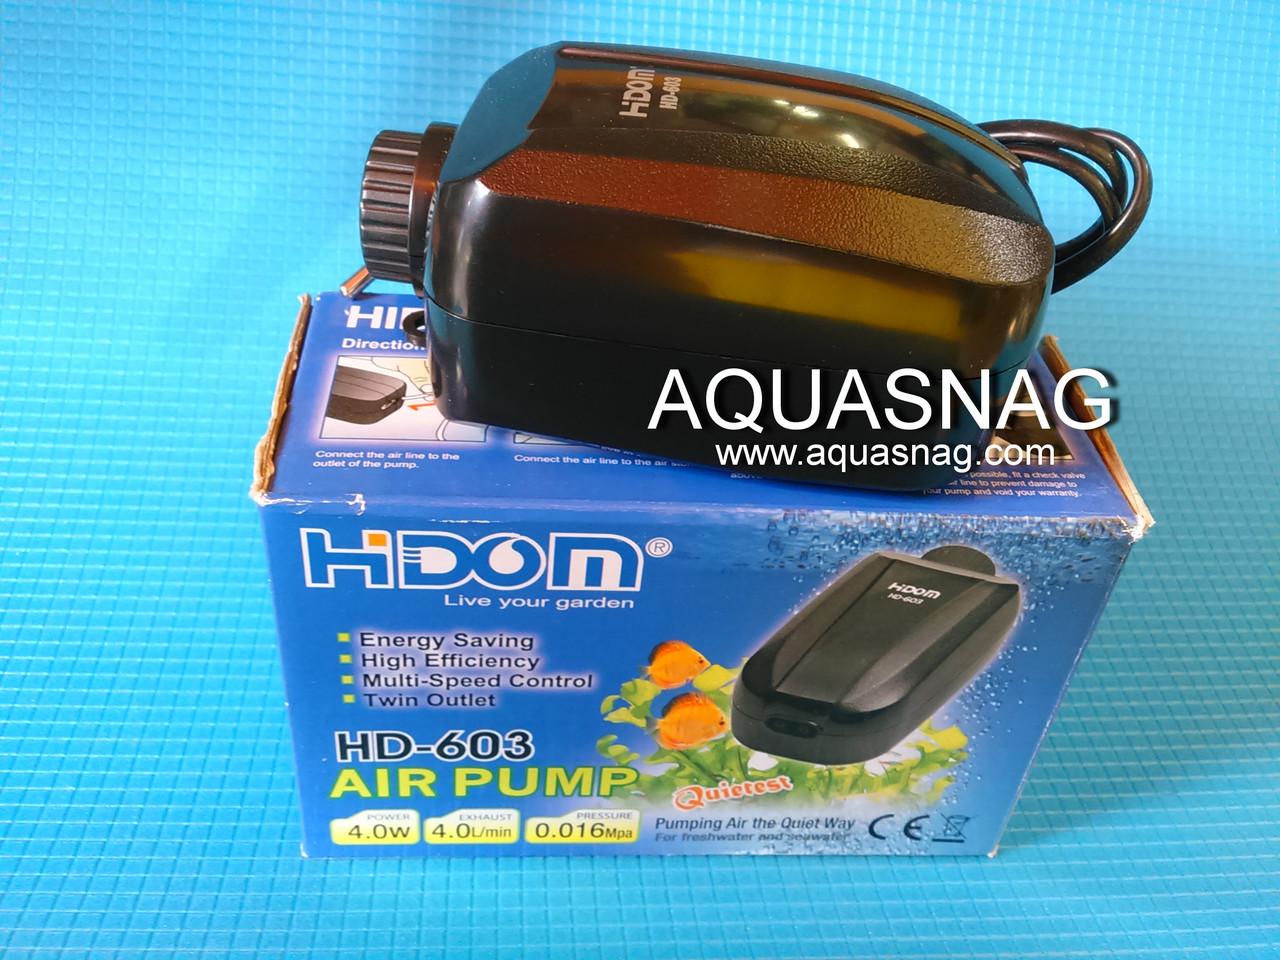 Компрессор Hidom HD-603 (4Вт, 4L/min*2) 2-х канальн. плавная регулировка